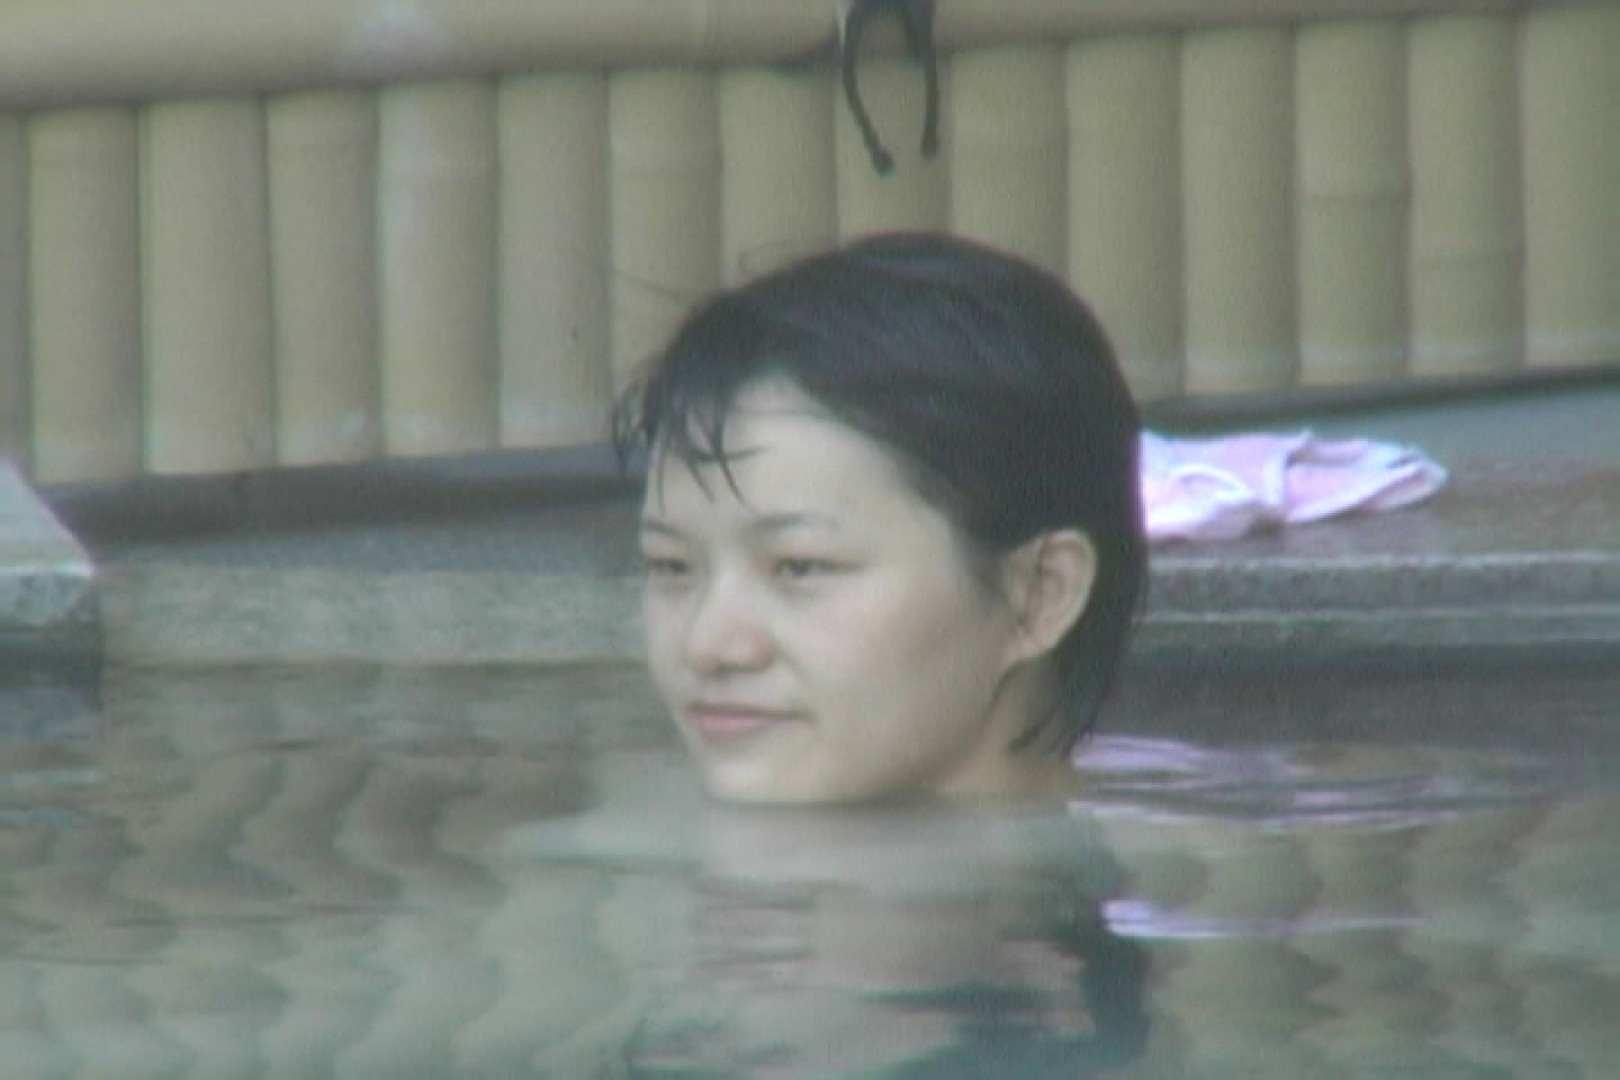 Aquaな露天風呂Vol.116 OL  54pic 33